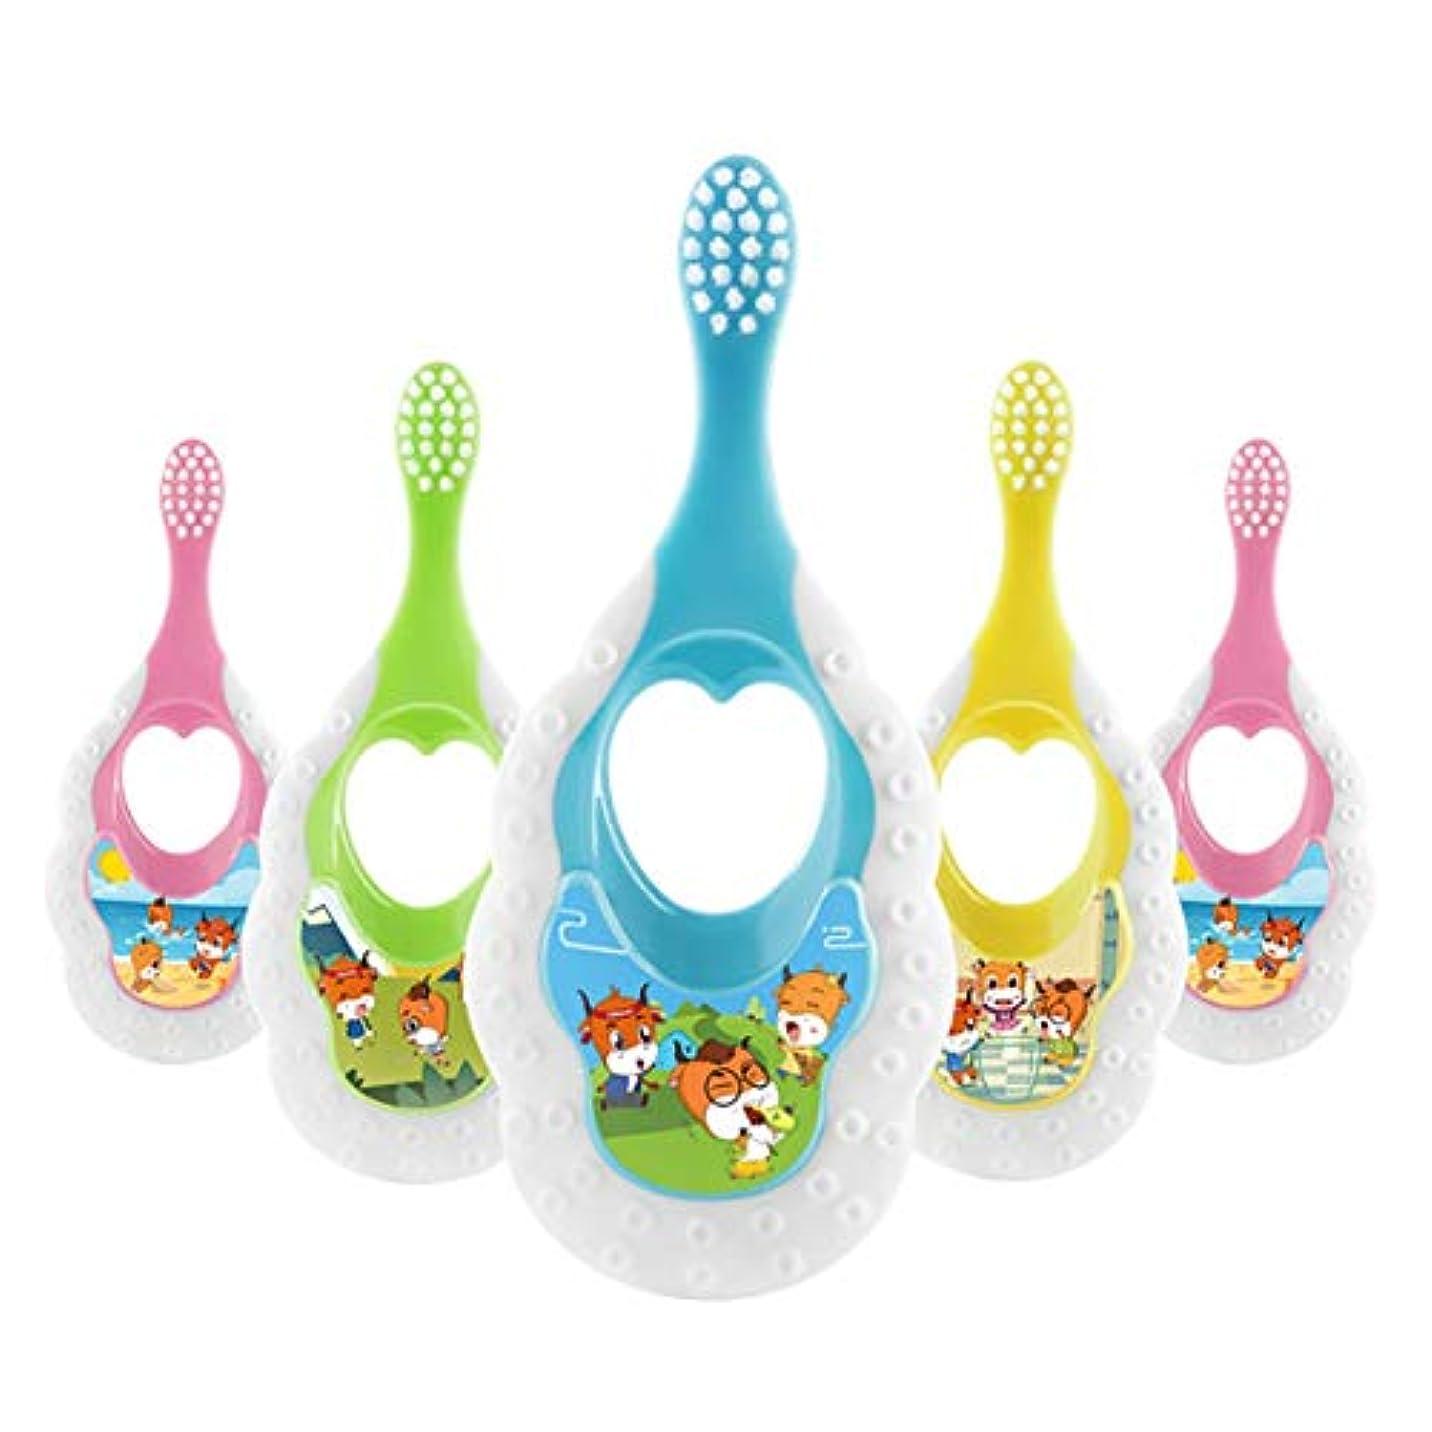 拷問回想ブラウズIntercoreyかわいいデザイン子供柔らかい髪歯ブラシ漫画パターン歯ブラシヘッド歯ブラシ用子供1-3歳